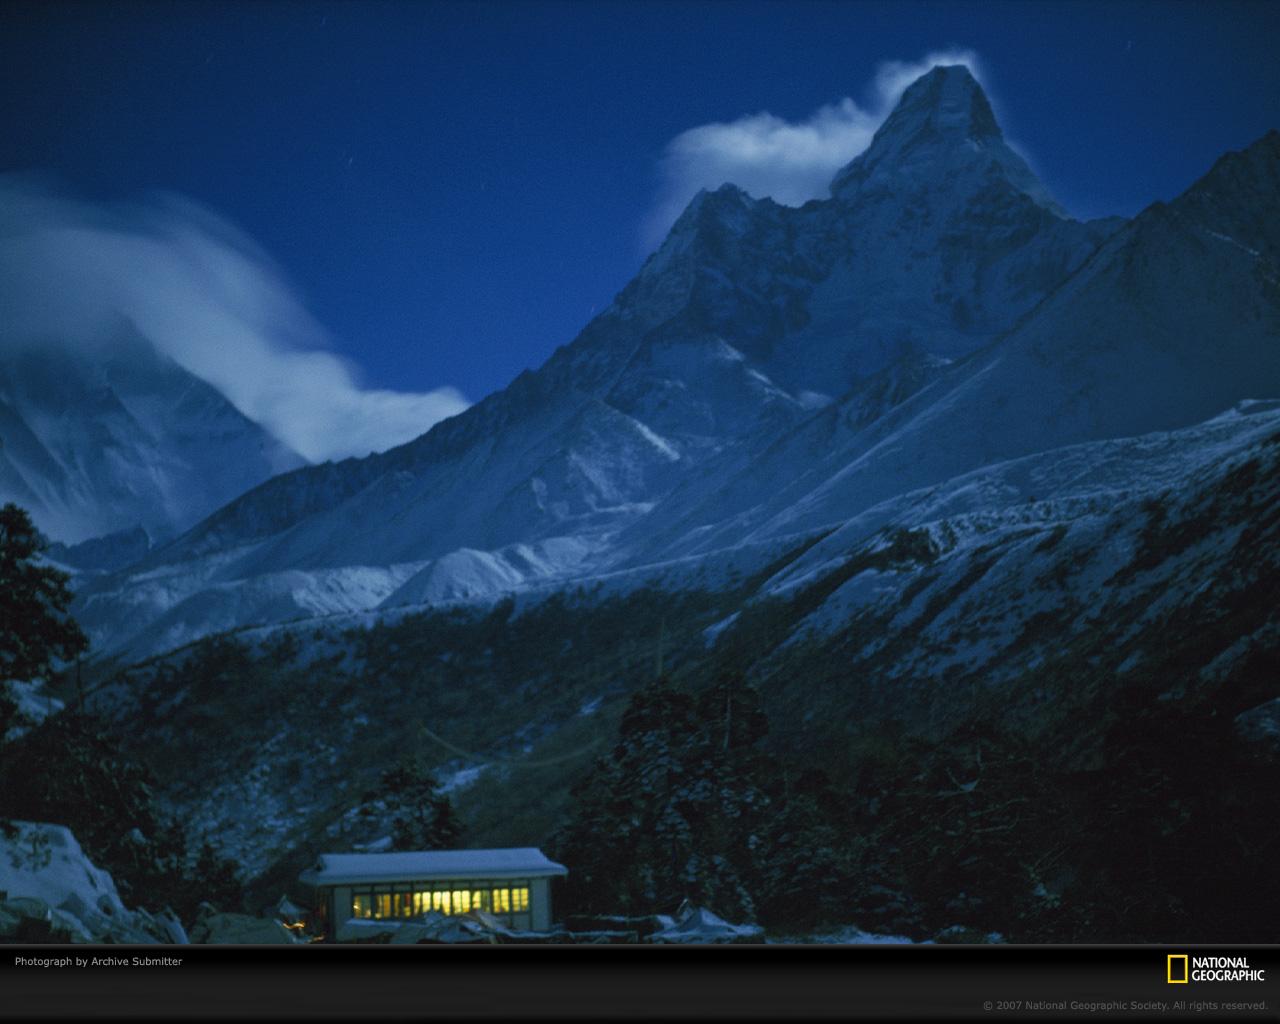 Evening at Himalayan Mountain Wallpaper   BestePics 1280x1024